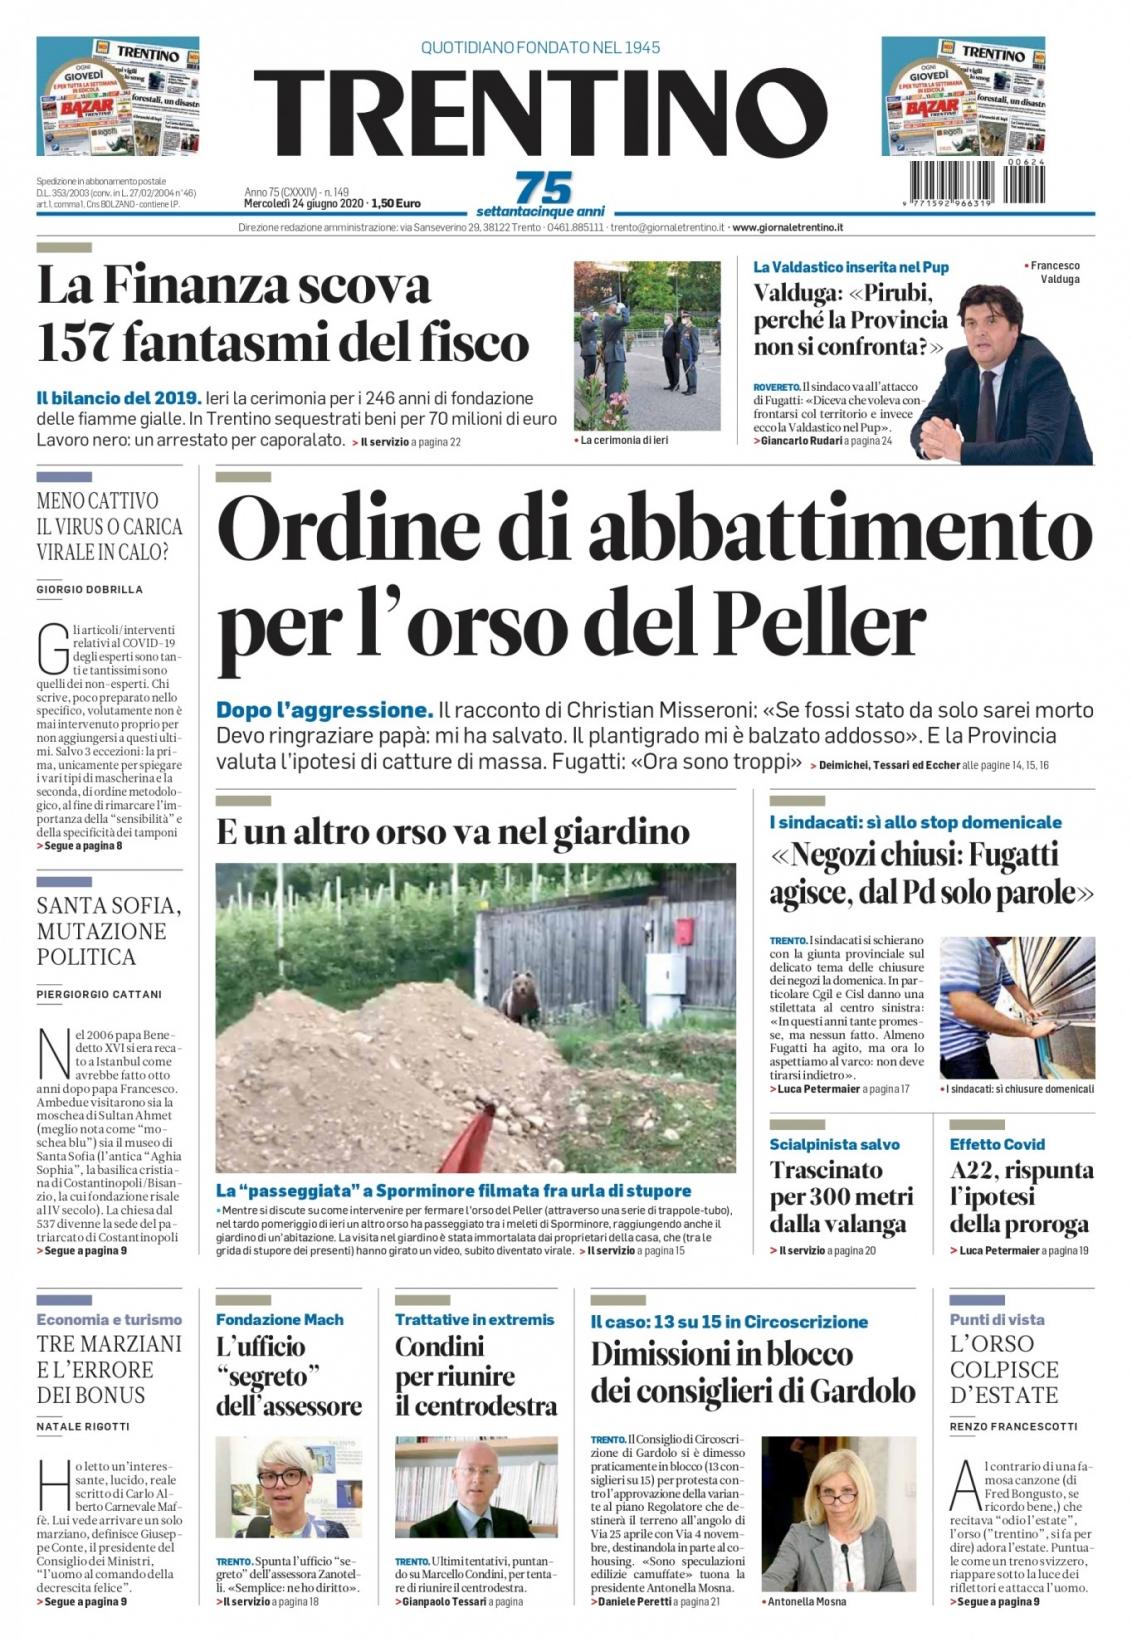 copertina_trentino_24_06_2020